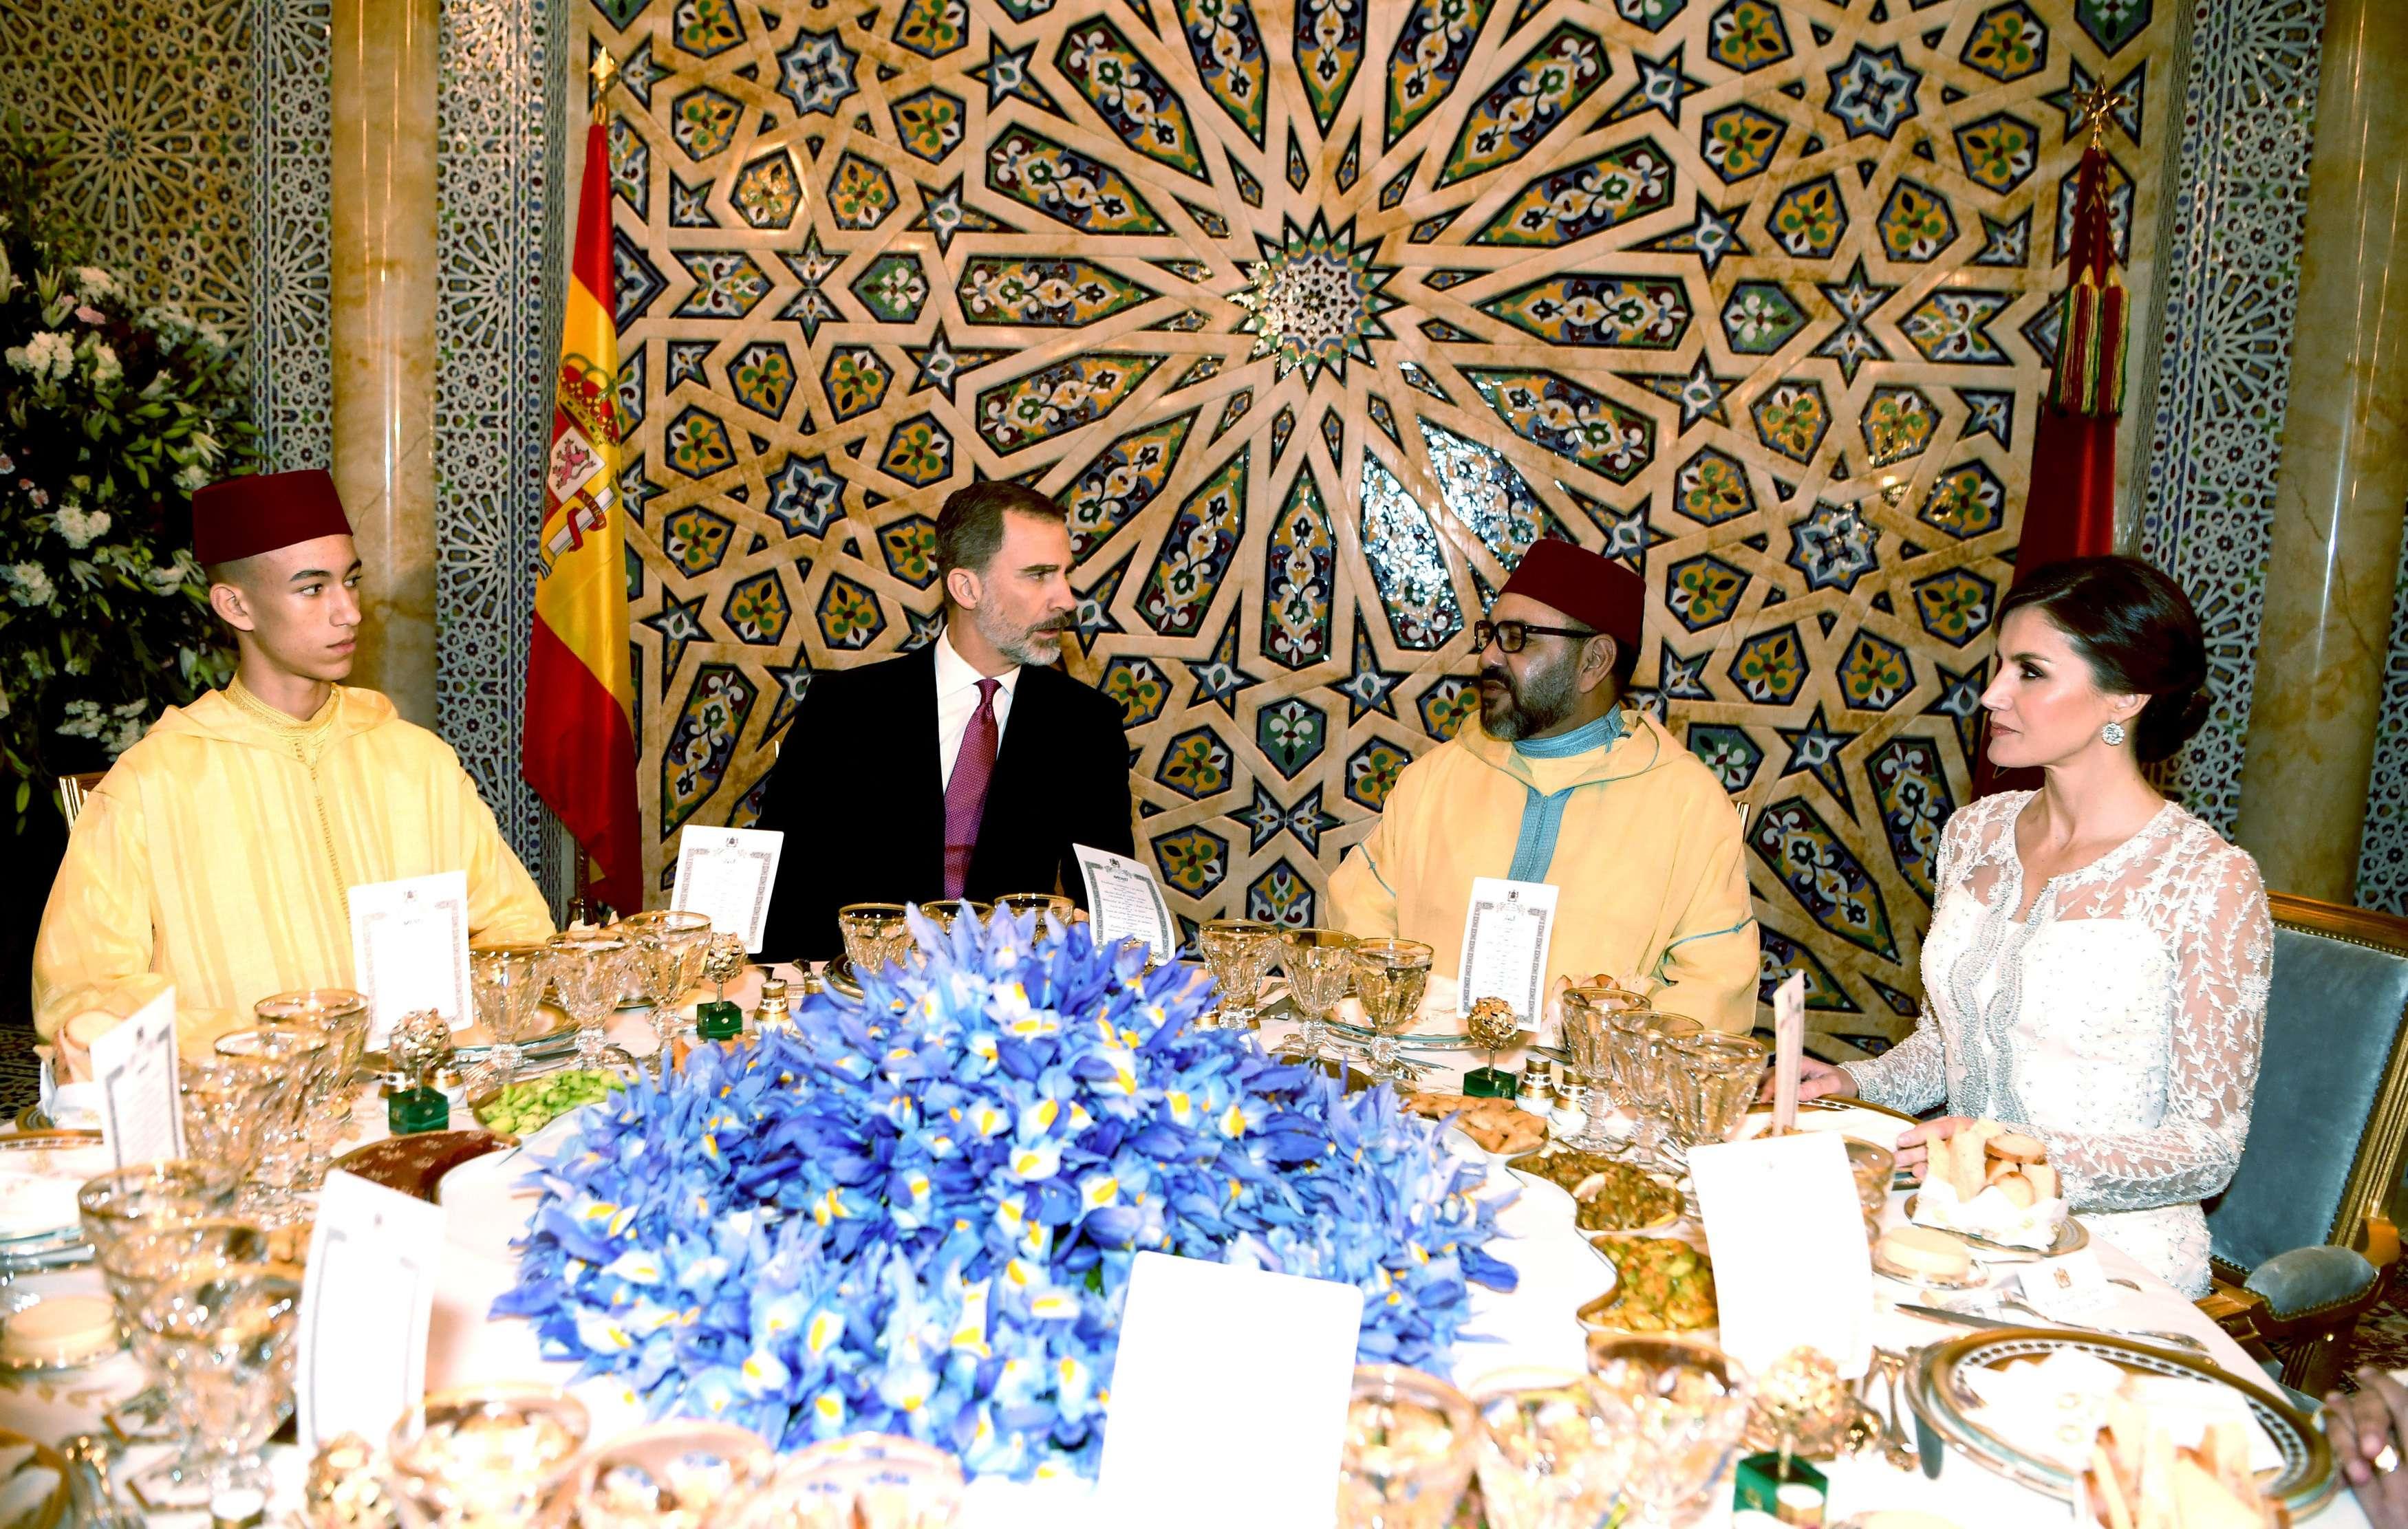 De gauche à droite : le prince héritier Moulay Hassan, les rois Felipe VI et Mohammed VI, et la reine Letizia d'Espagne, mercredi 13 février 2018 à l'occasion d'un dîner au Palais royal de Rabat.